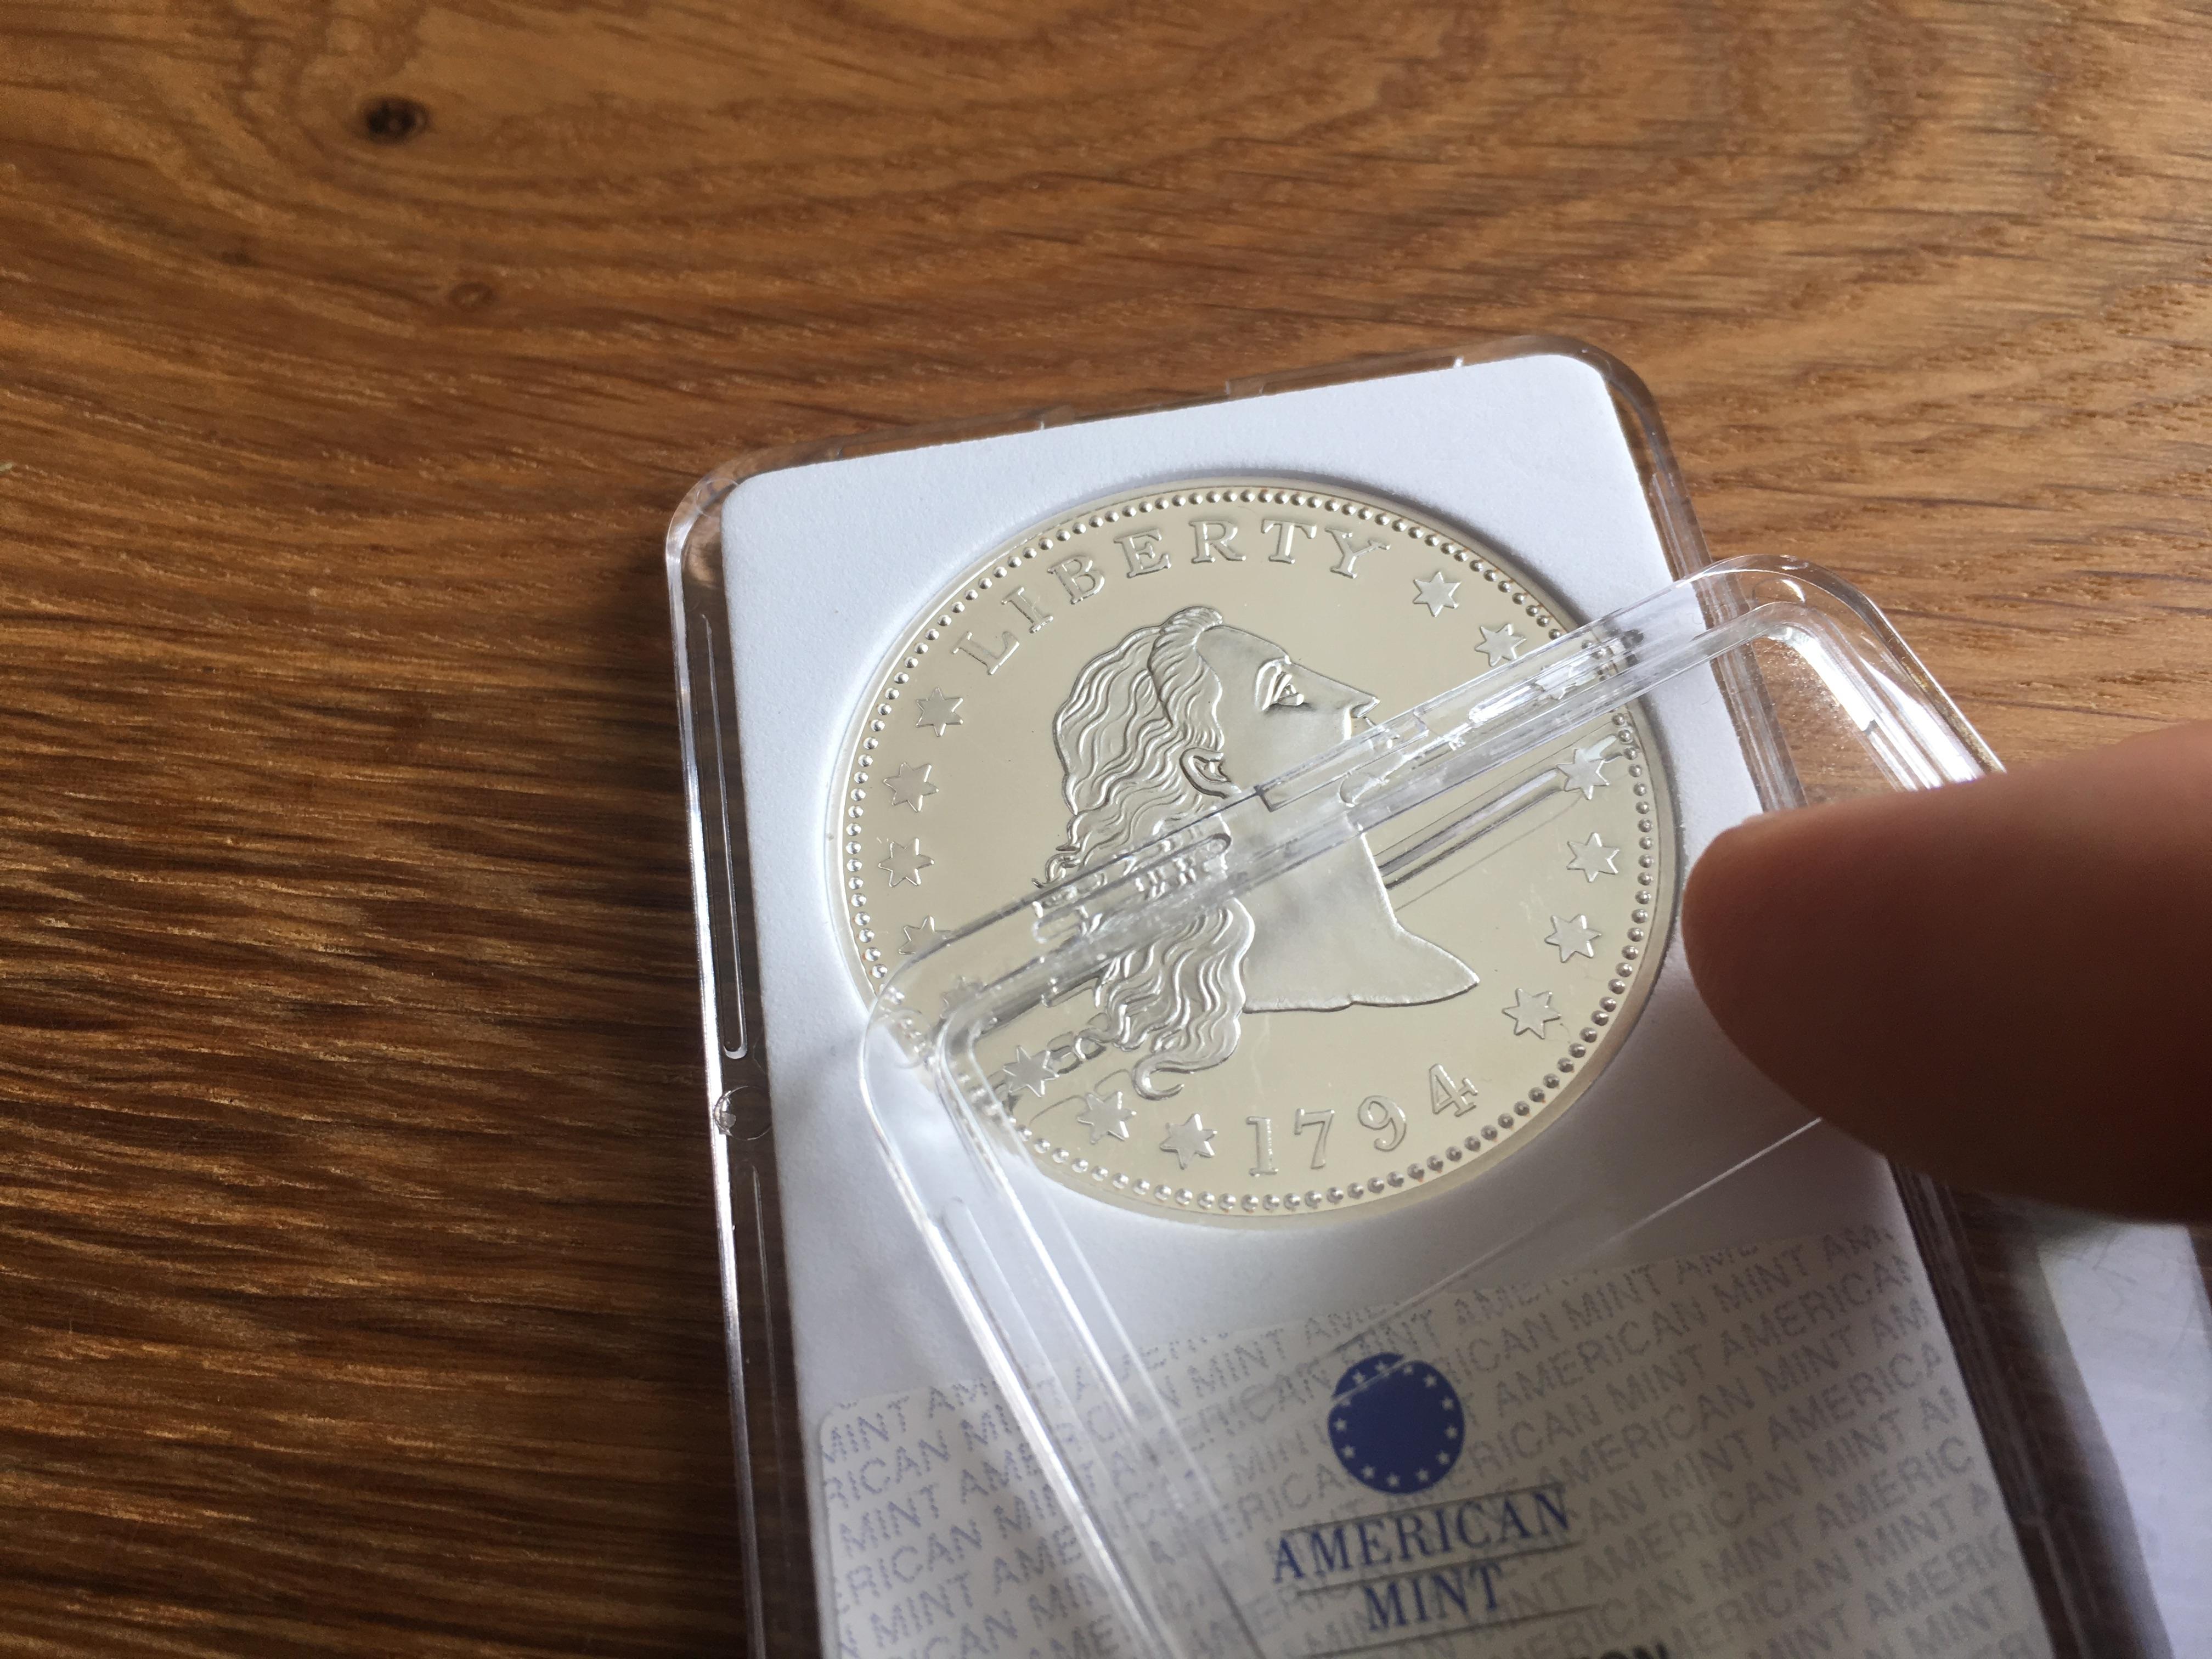 Münzen Verkaufen Wertermittlung Für Sammlermünzen Ankäufer